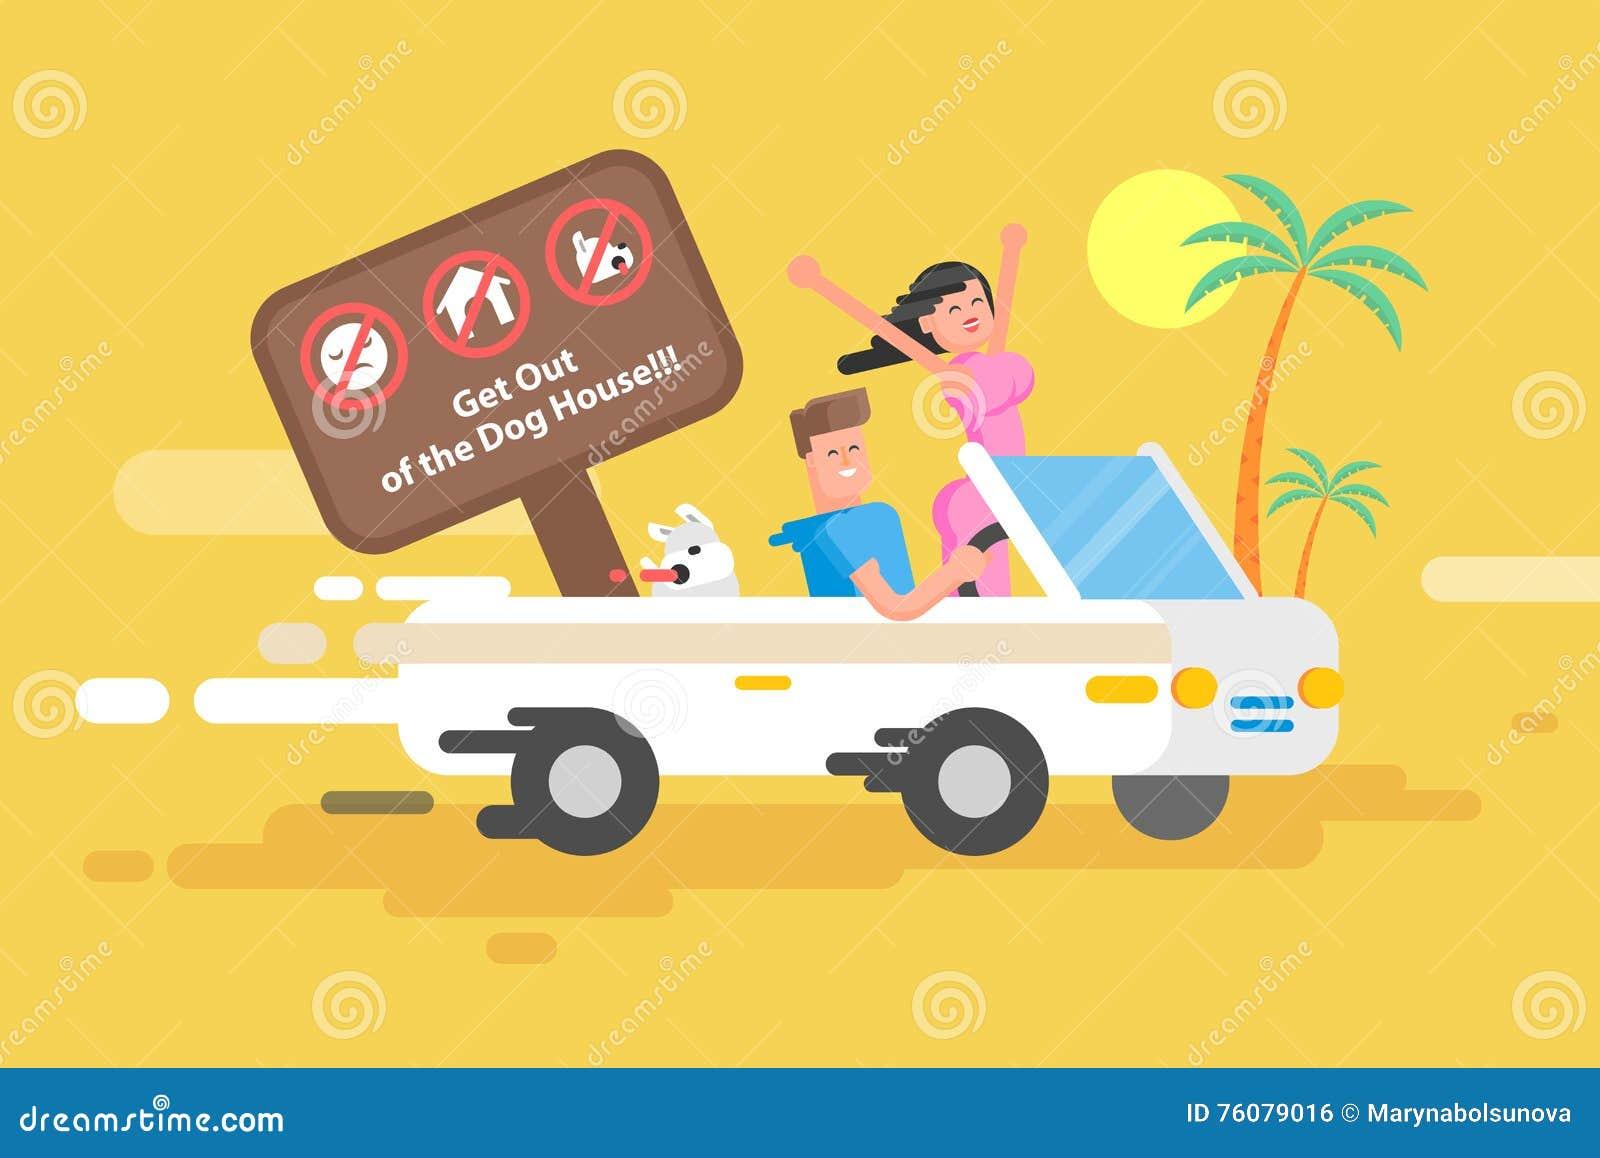 Парень иллюстрации счастливый управляет белым автомобилем с откидным верхом